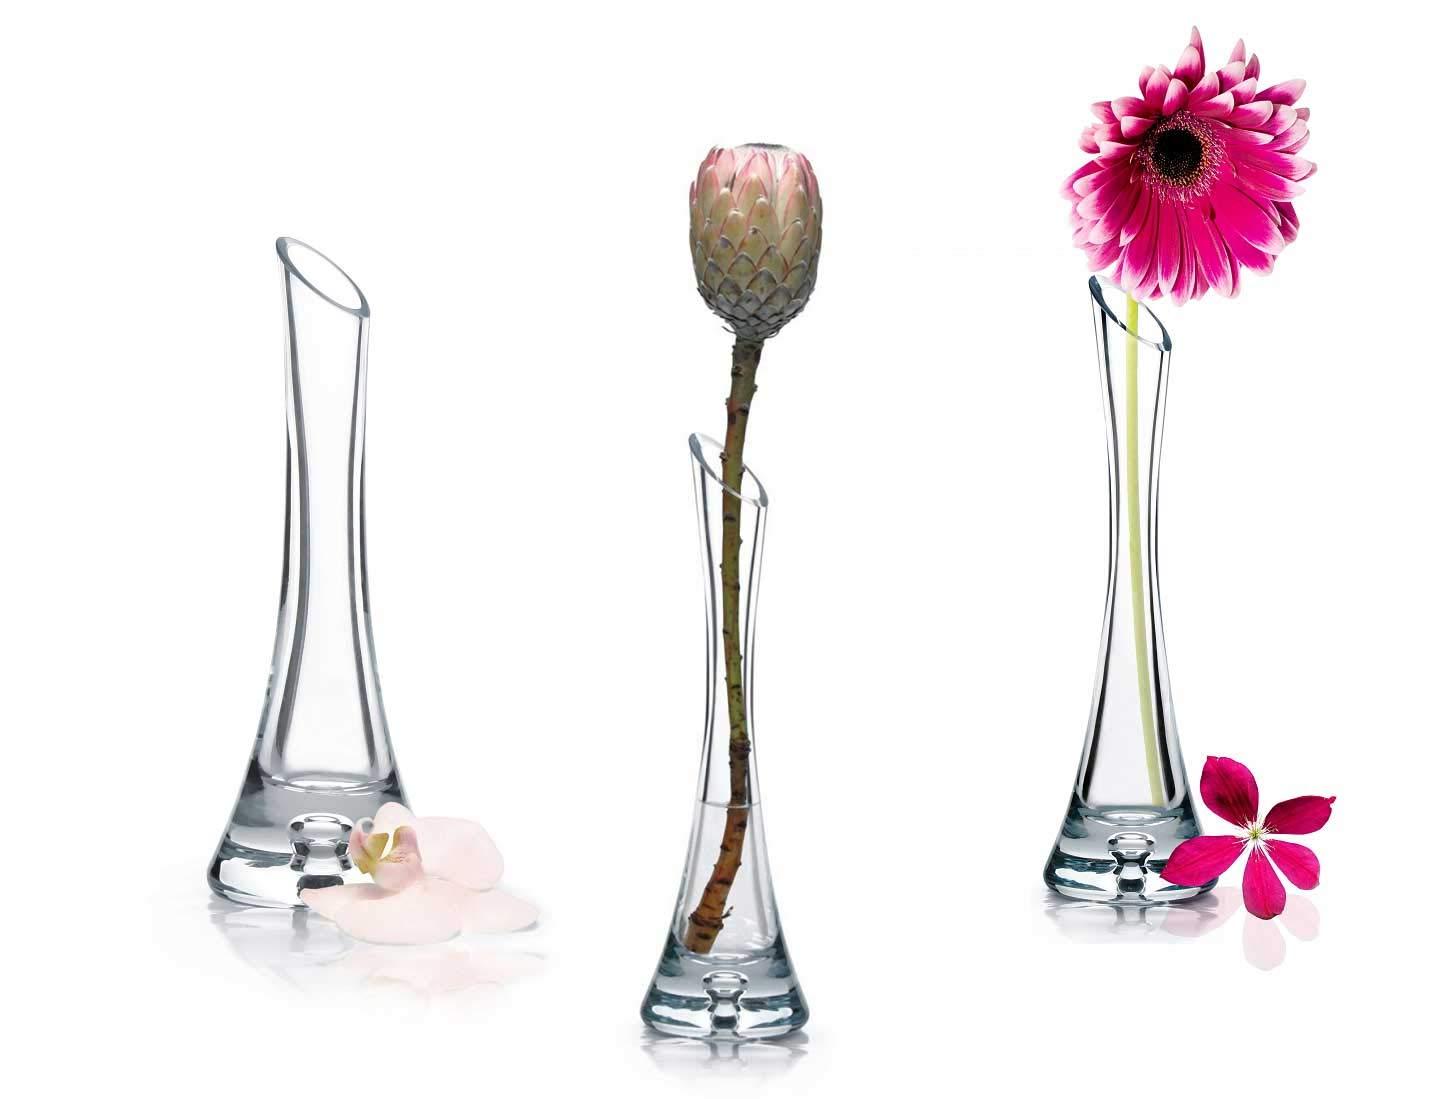 Deko Vase Blumenvase Glasvase Tisch Vase Geschenkvase Neu